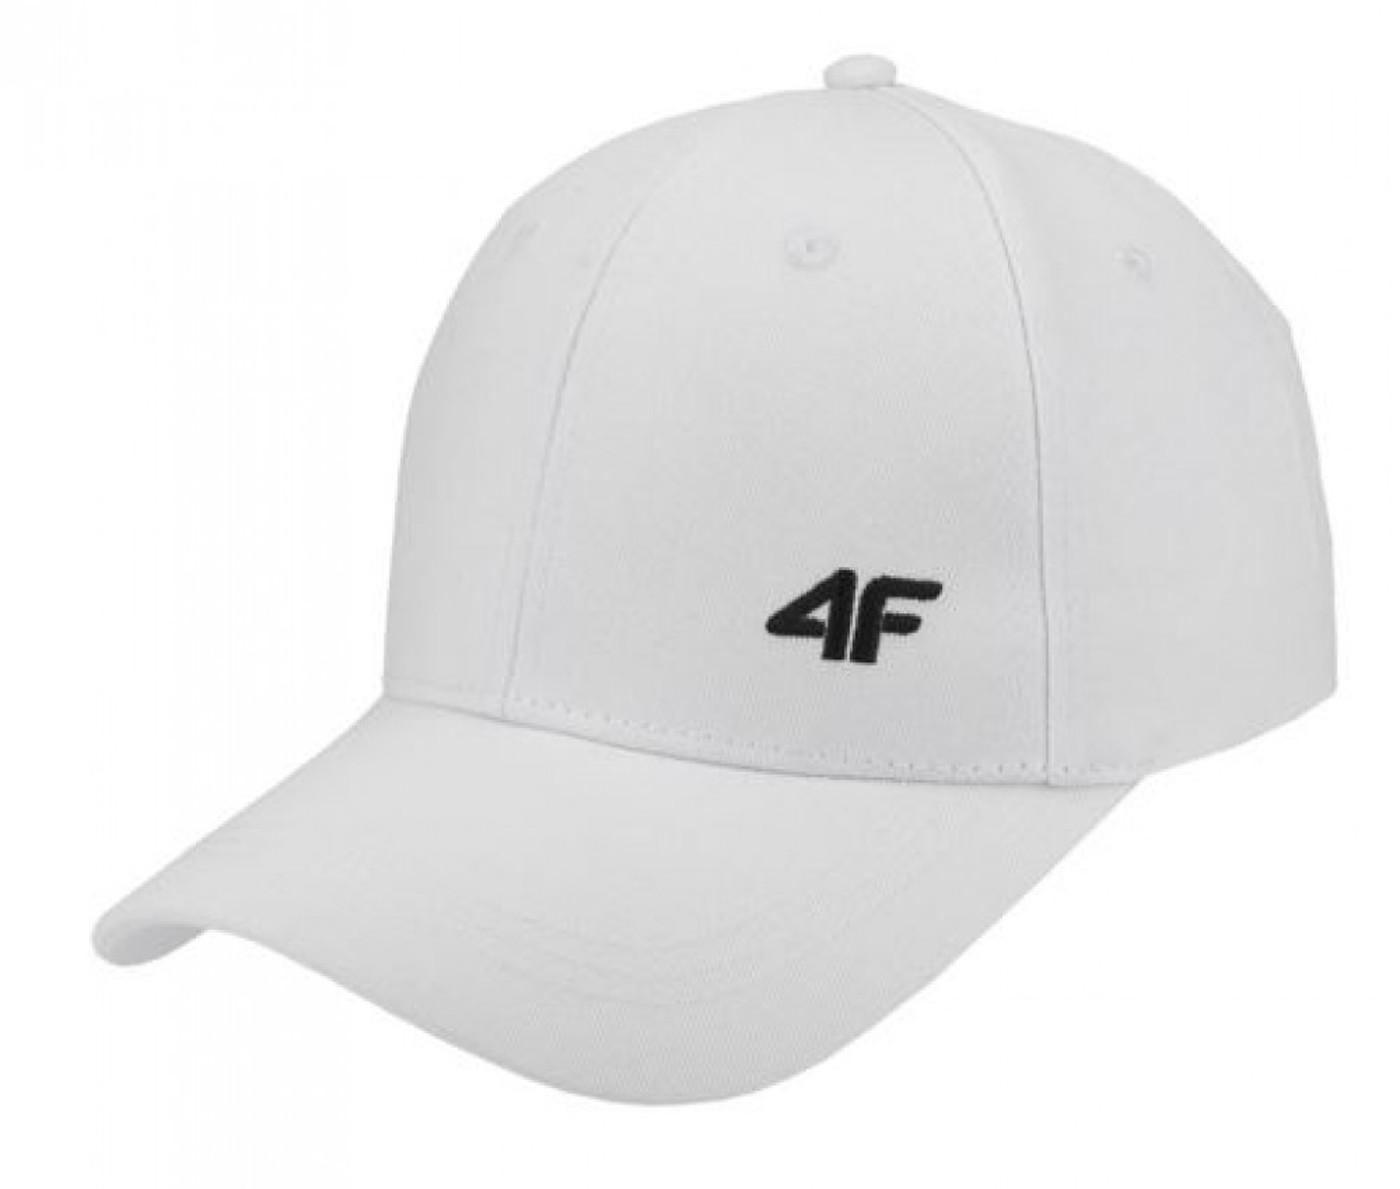 Kappe 4F - Damen